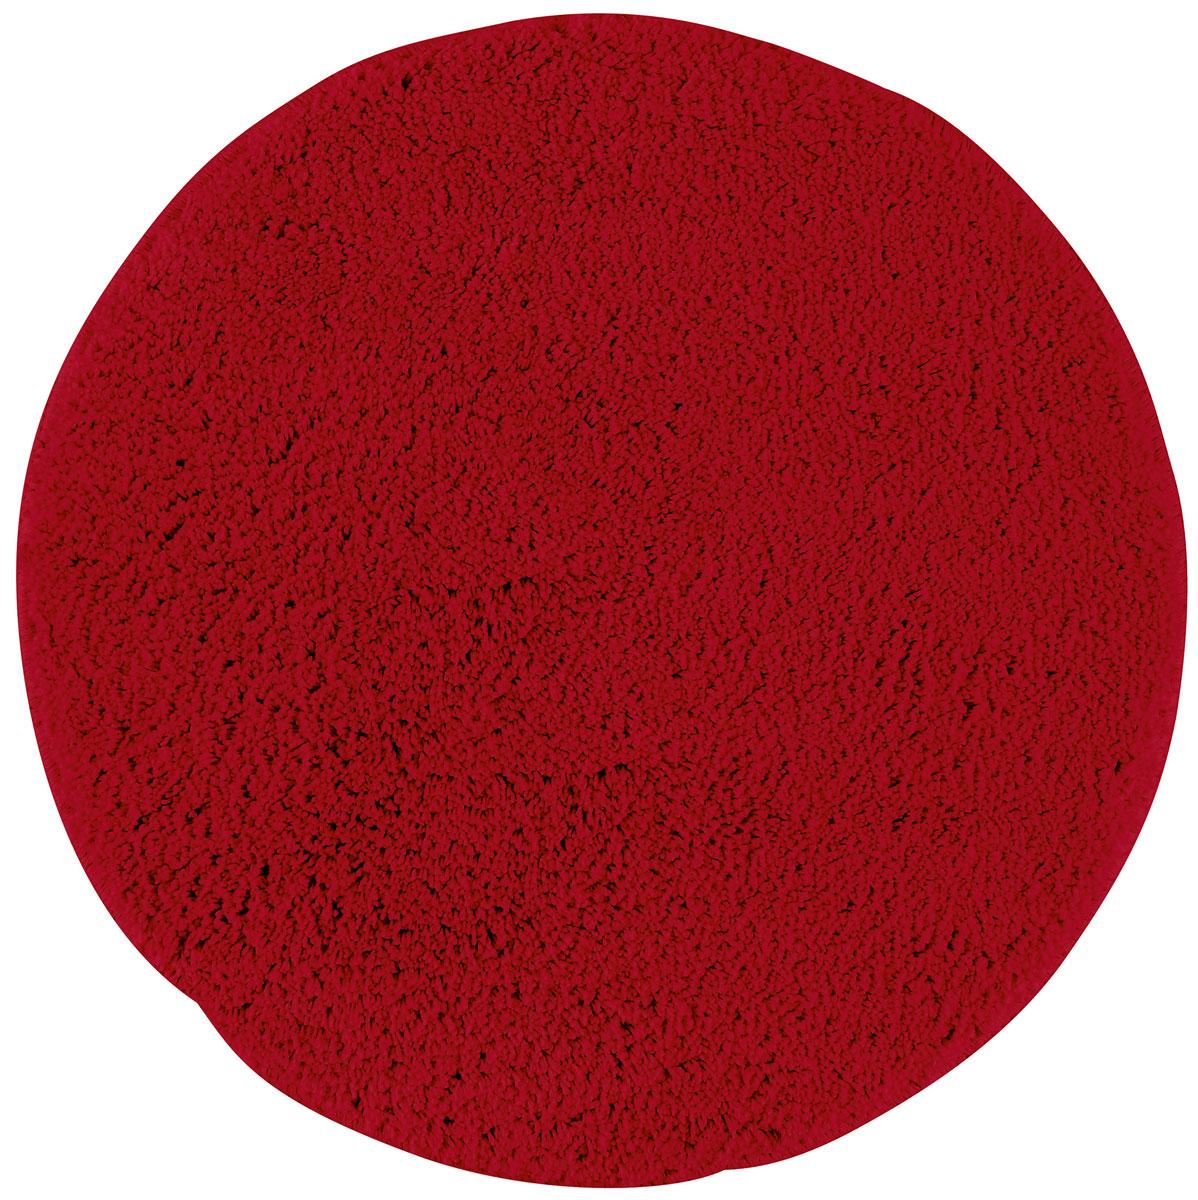 Коврик для ванной Axentia, противоскользящий, цвет: красный, диаметр 50 см391602Круглый коврик для ванной комнаты Axentia выполнен из высококачественной микрофибры. Противоскользящее основание изготовлено из термопластичной резины и подходит для полов с подогревом. Коврик стеганый, мягкий и приятный на ощупь, отлично впитывает влагу и быстро сохнет. Высокая износостойкость коврика и стойкость цвета позволит вам наслаждаться покупкой долгие годы.Можно стирать в стиральной машине. Диаметр коврика: 50 см. Высота ворса: 1,5 см.